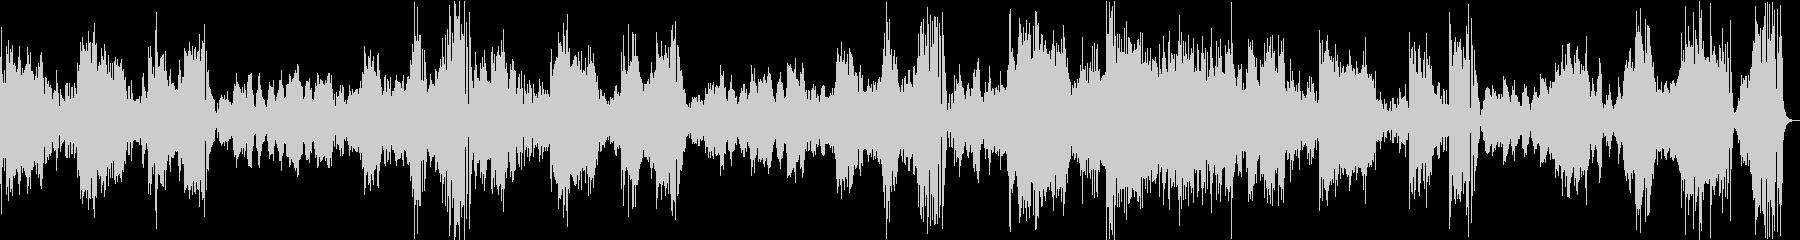 モーツァルトピアノソナタK310第1楽章の未再生の波形